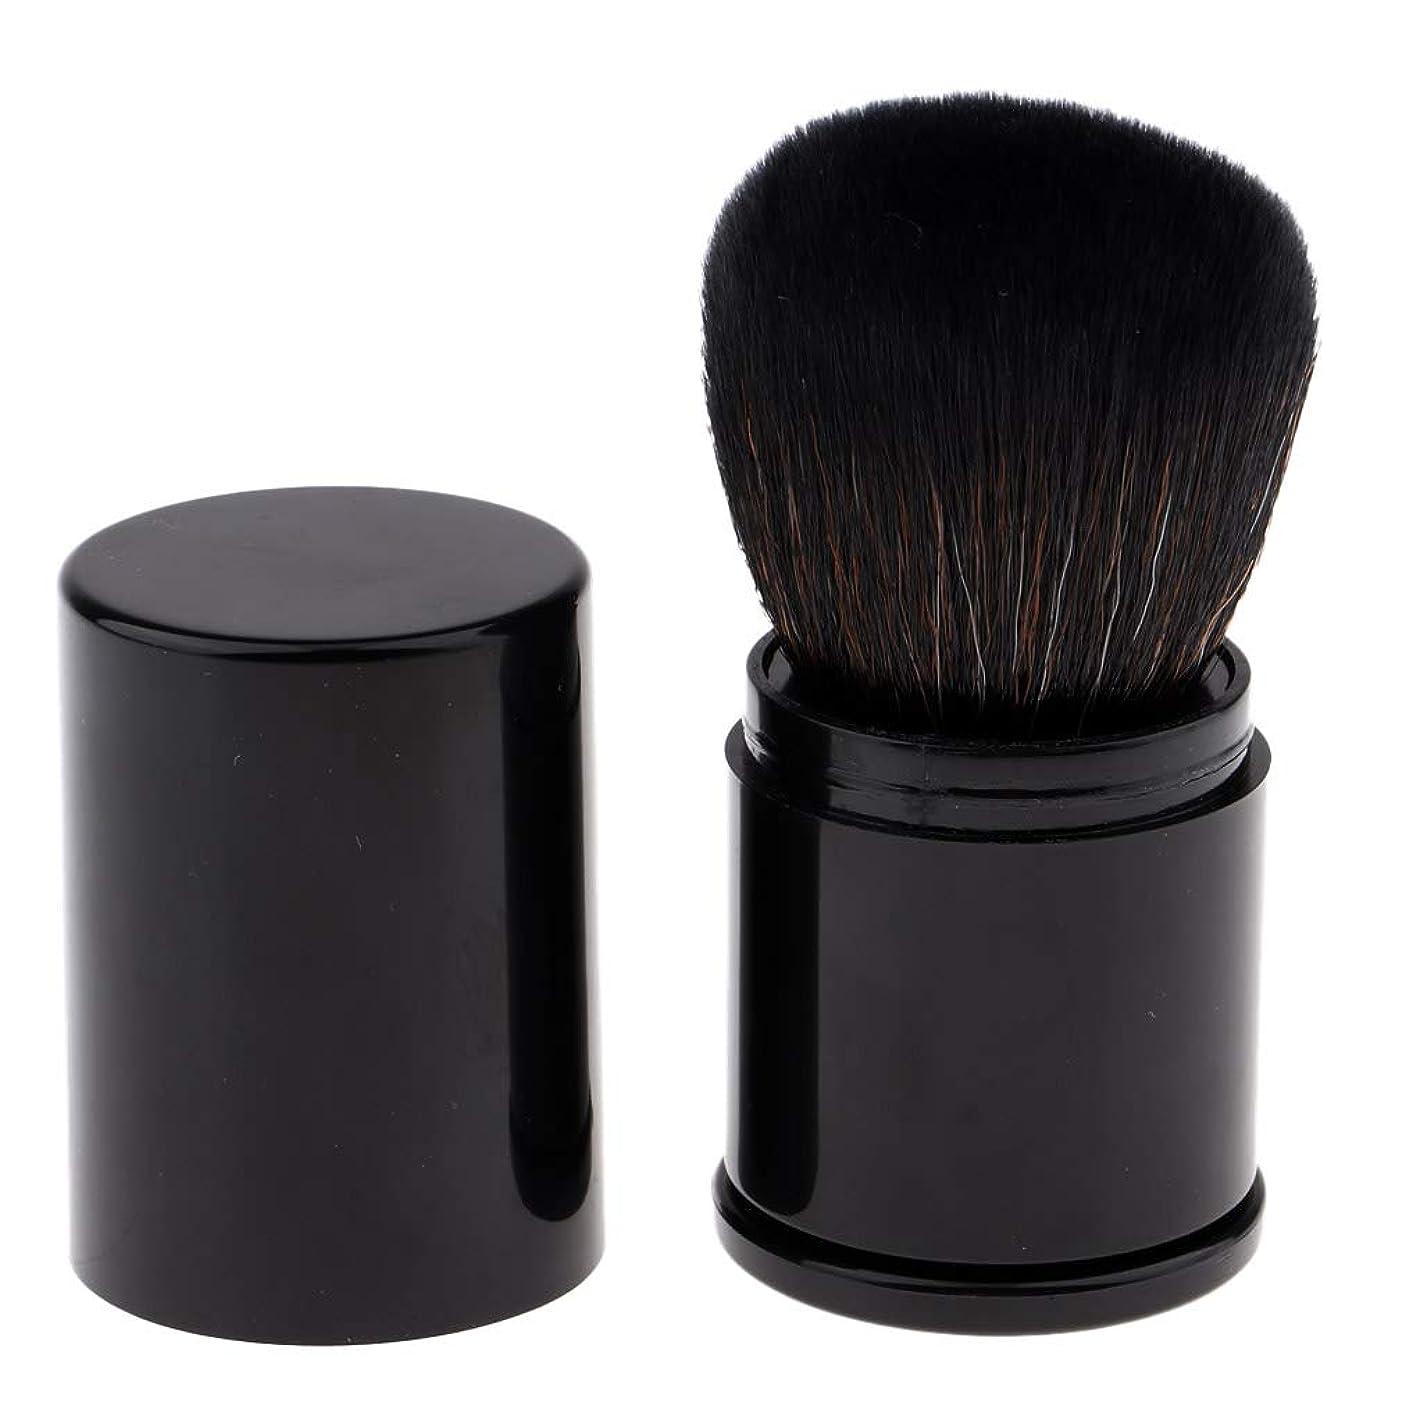 強います社会主義ウォーターフロントCUTICATE 化粧筆 メイクブラシ ファンデーションブラシ ルースパウダー BBクリーム用 旅行用品 全2色 - 黒